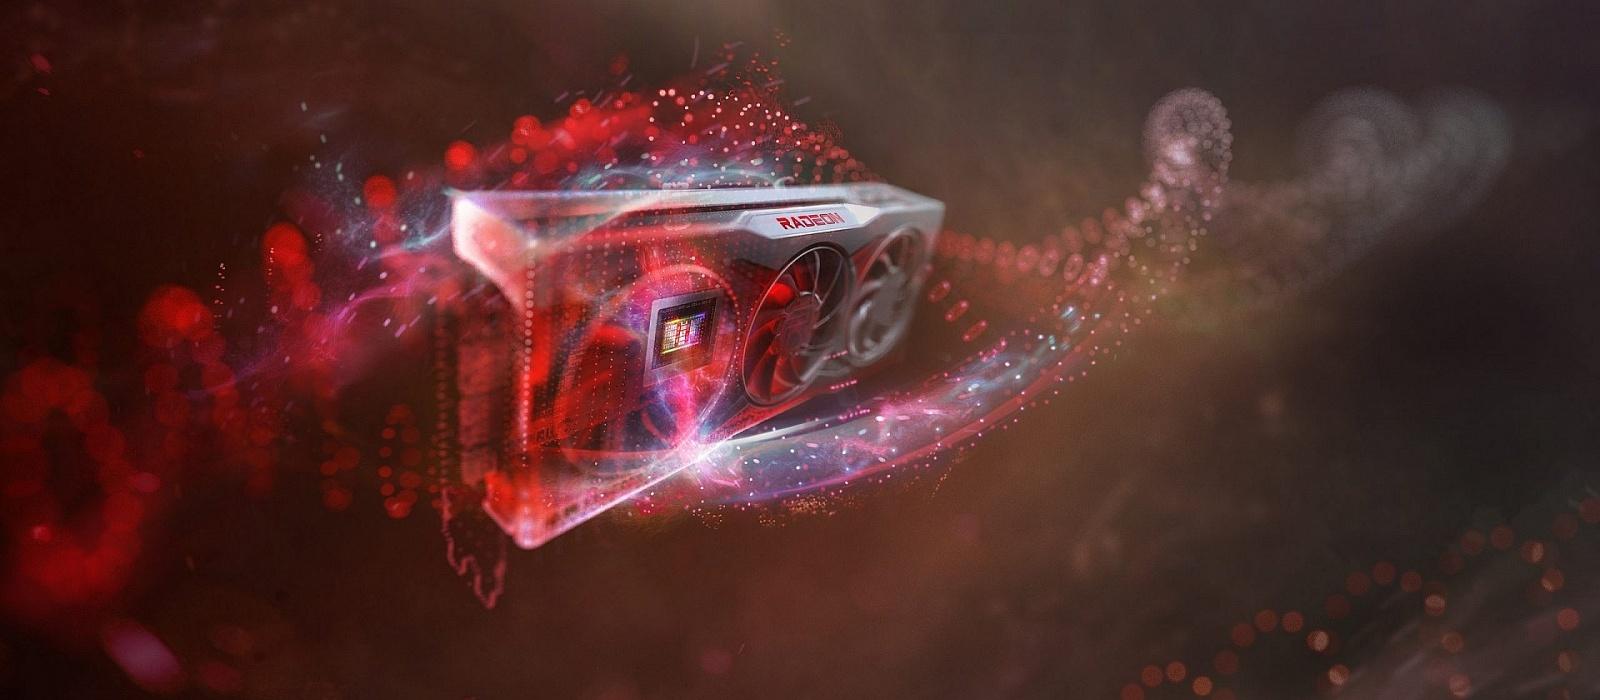 Neue Details zu Grafikkarten der Radeon RX 6600M-Serie enthüllt